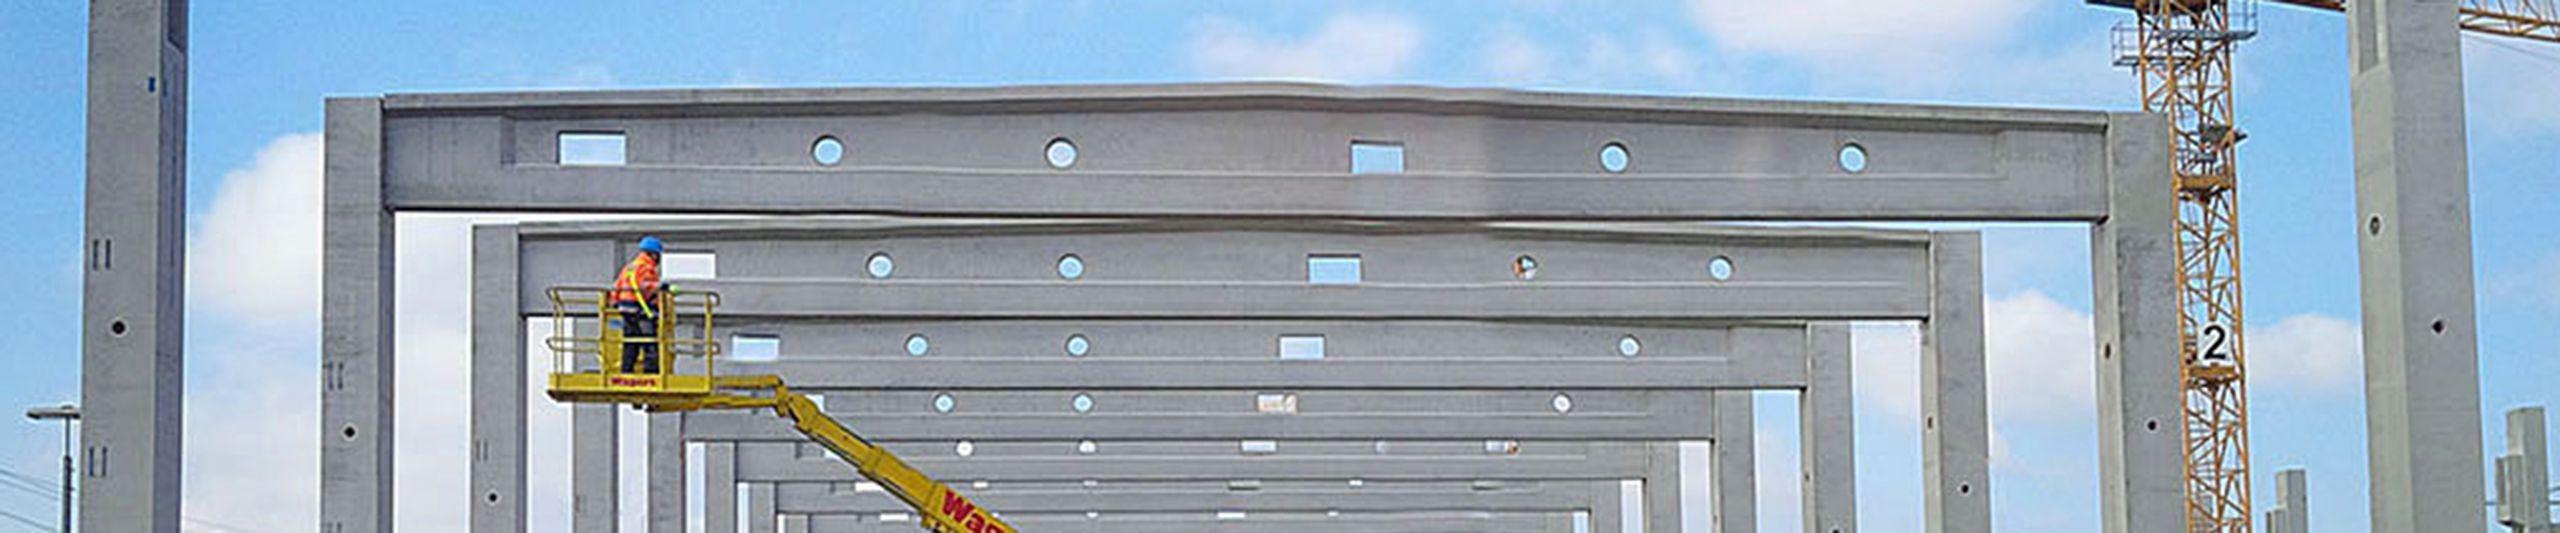 Spannbetonbinder, -unterzüge und -decken